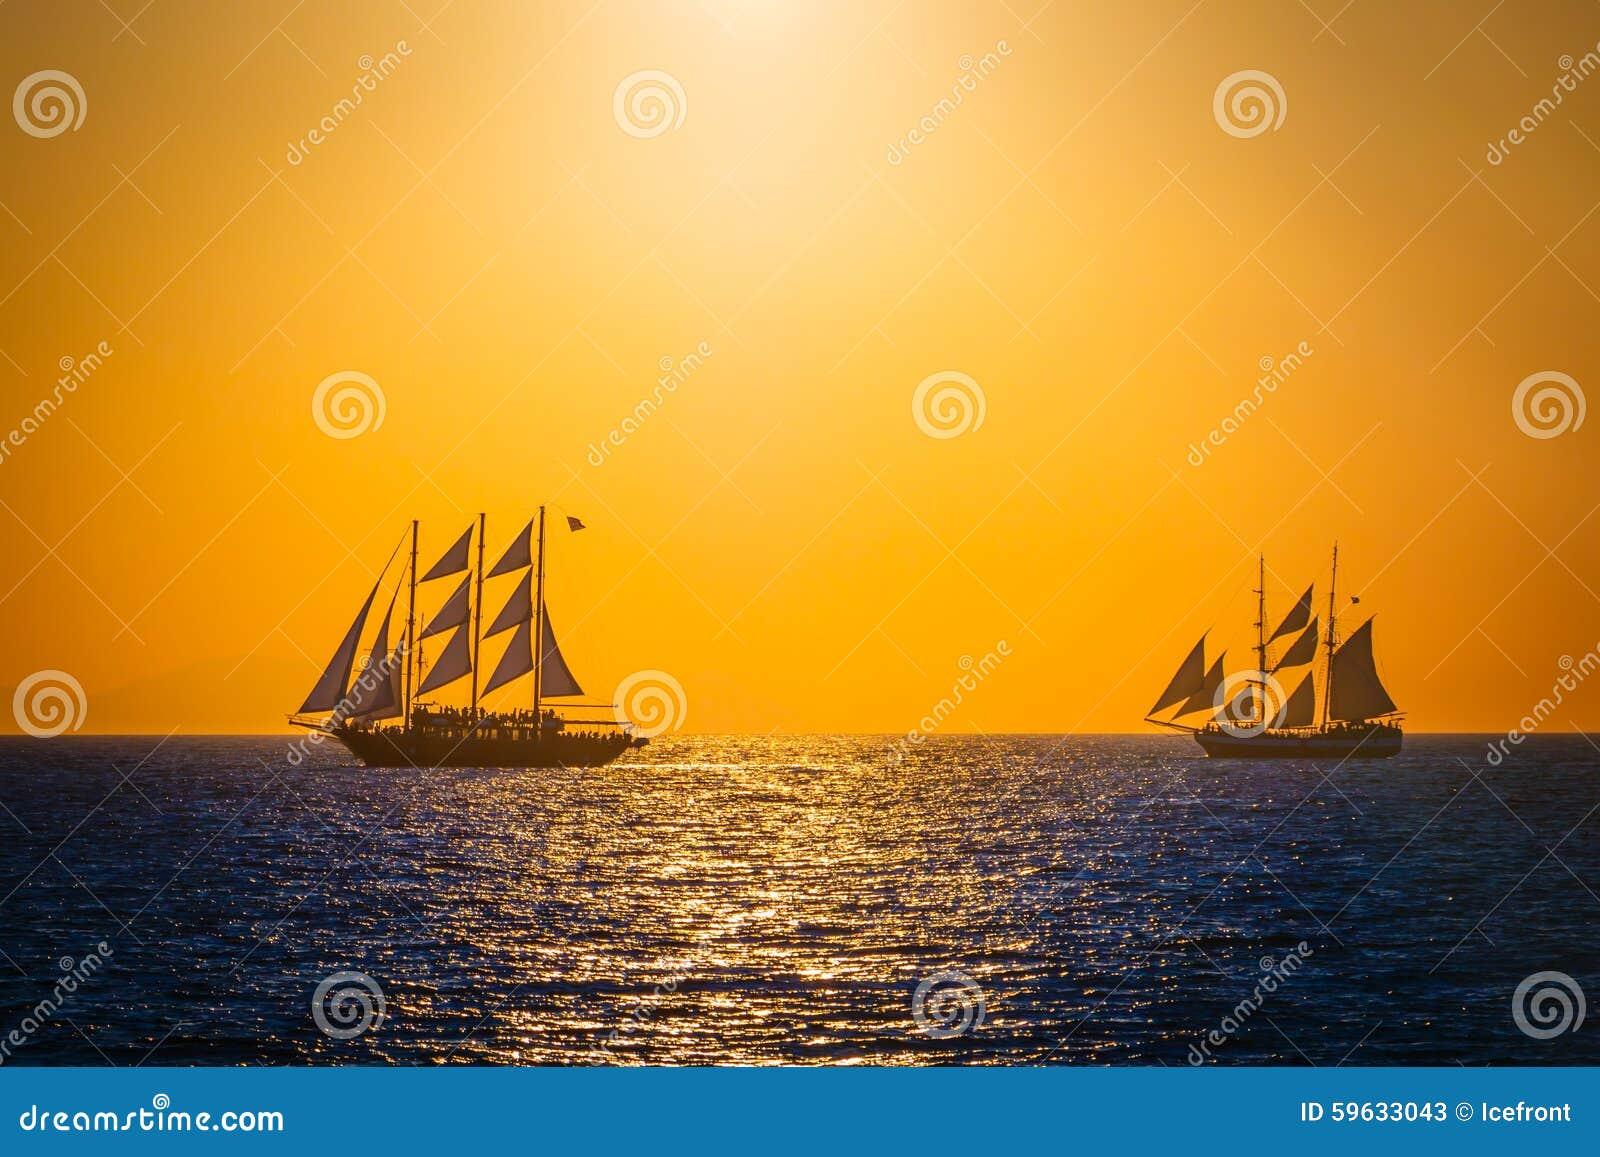 Segelschiffe auf dem meer sonnenuntergang  Segelschiffe Auf Dem Meer Im Sonnenuntergang Stockfoto - Bild ...